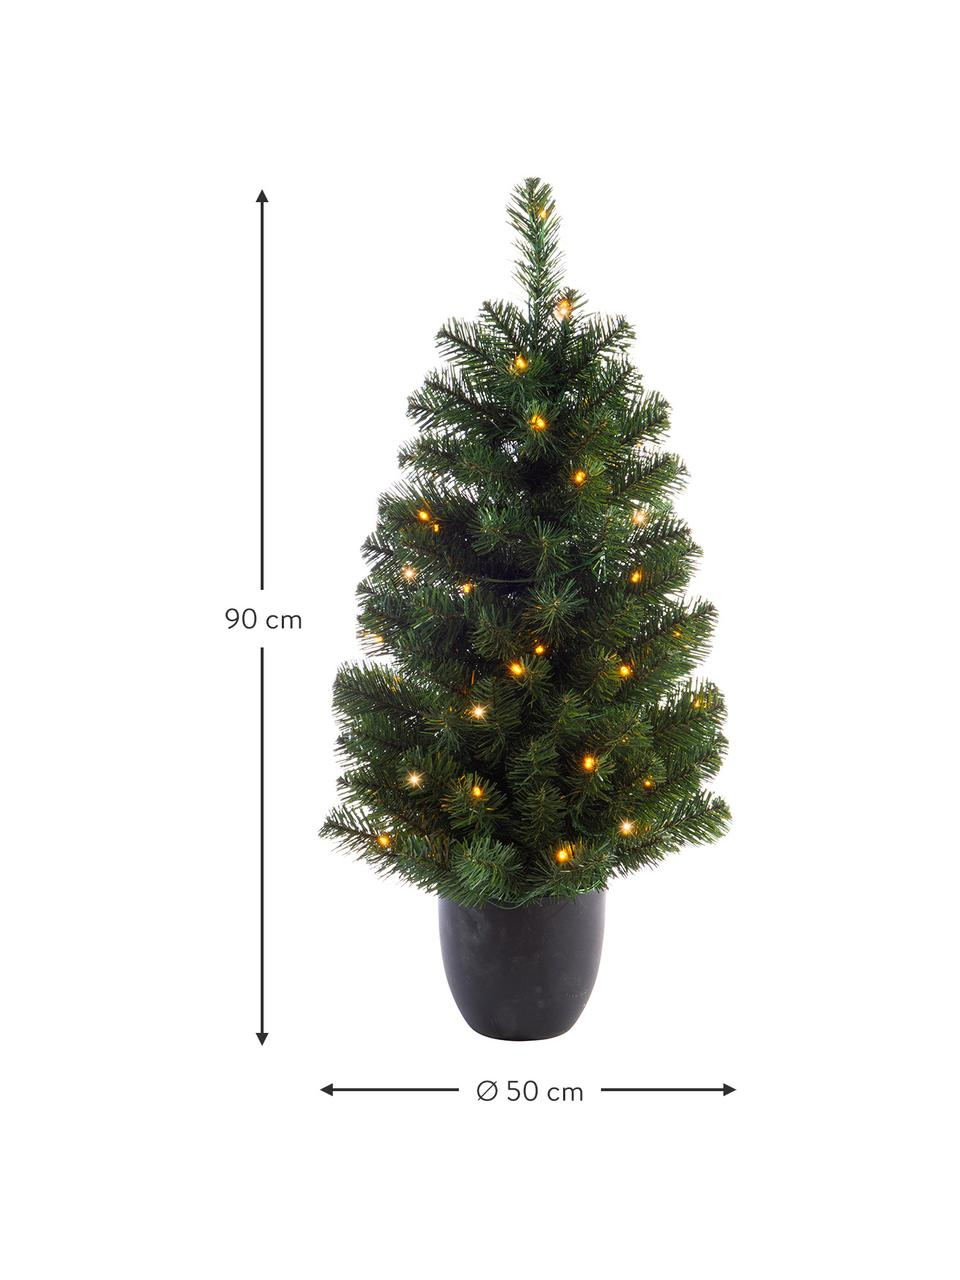 Künstlicher LED-Weihnachtsbaum Imperial H 90 cm, Übertopf: Kunststoff, Grün, Ø 50 x H 90 cm